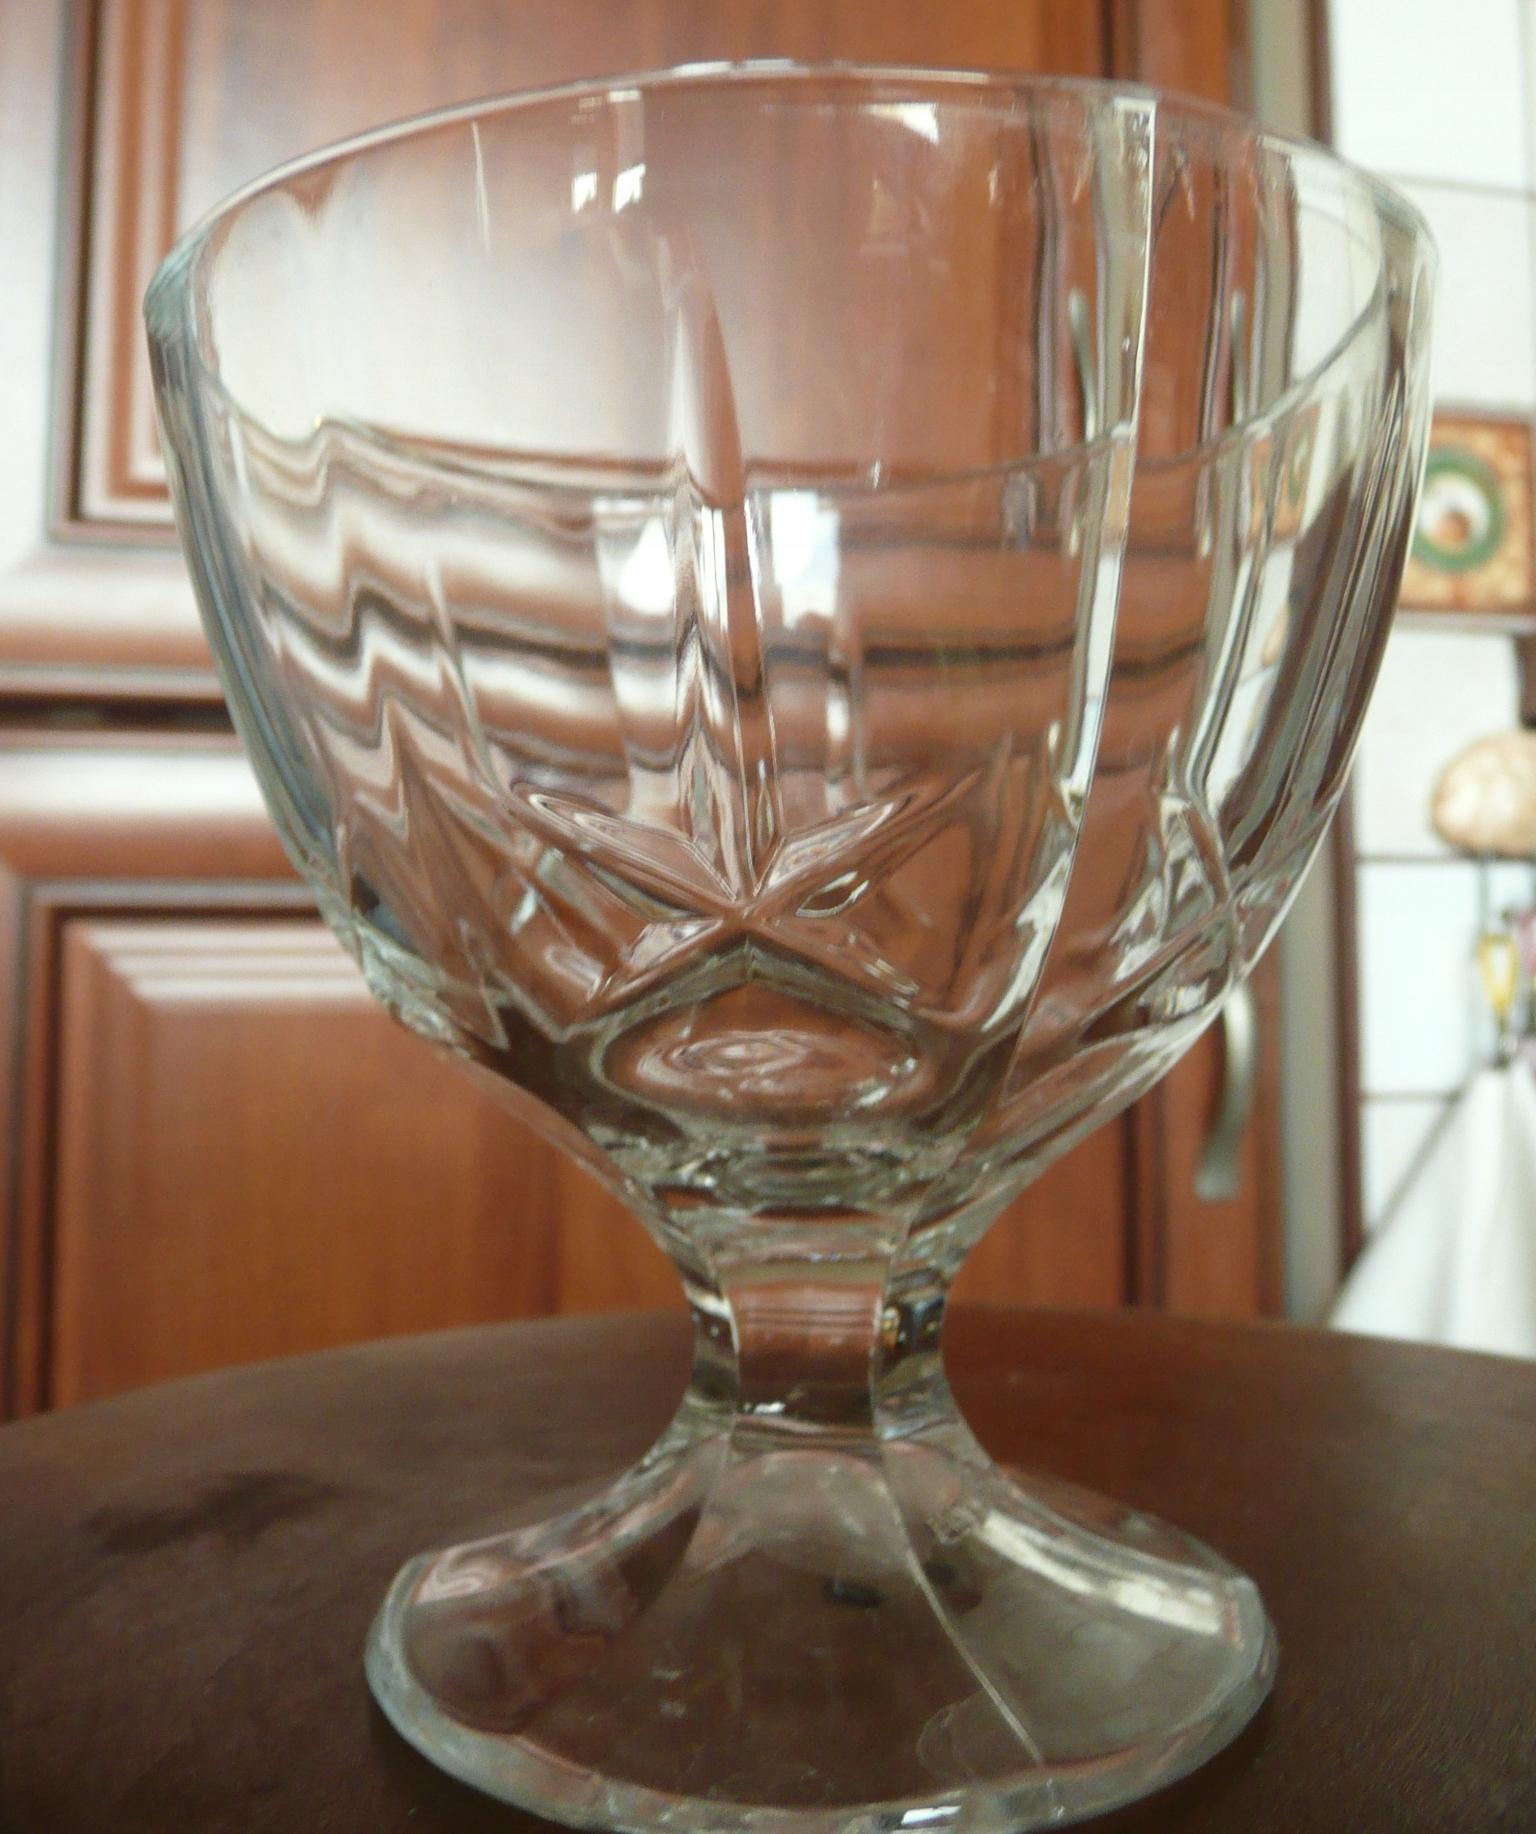 6 szt. pucharków do lodów szklane cięte gwiazdki